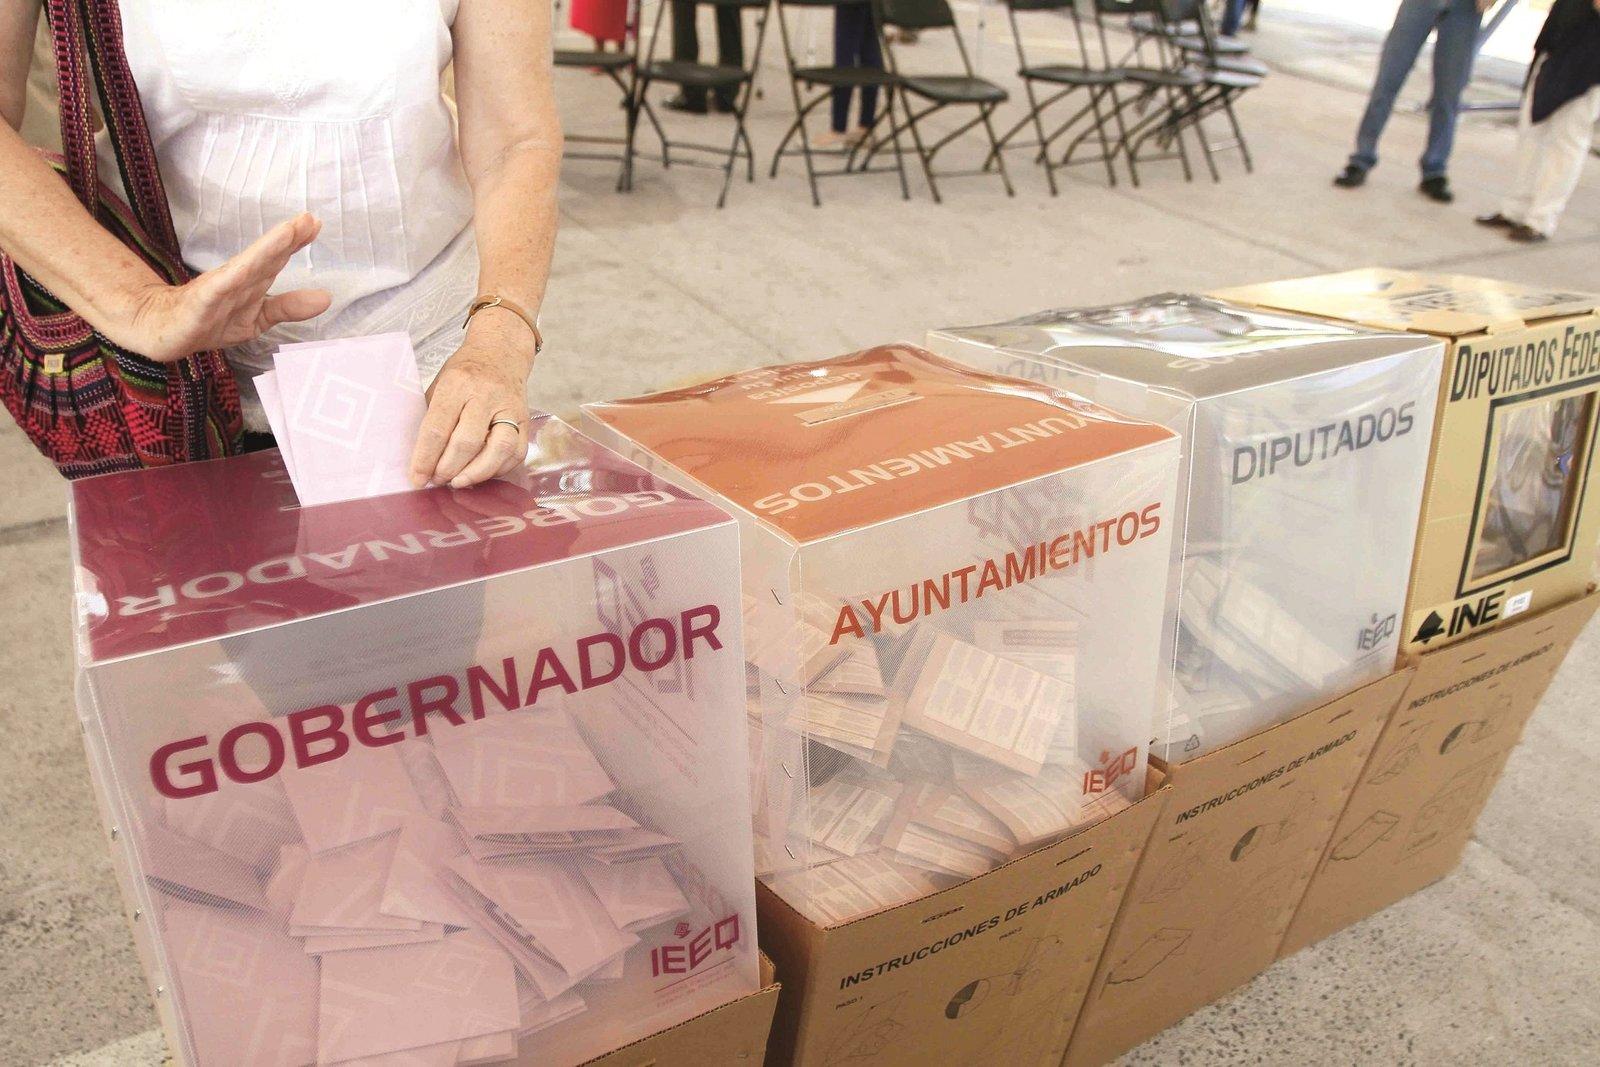 IEEQ: Cada 4 horas se hará un registro de candidatura a gobernador